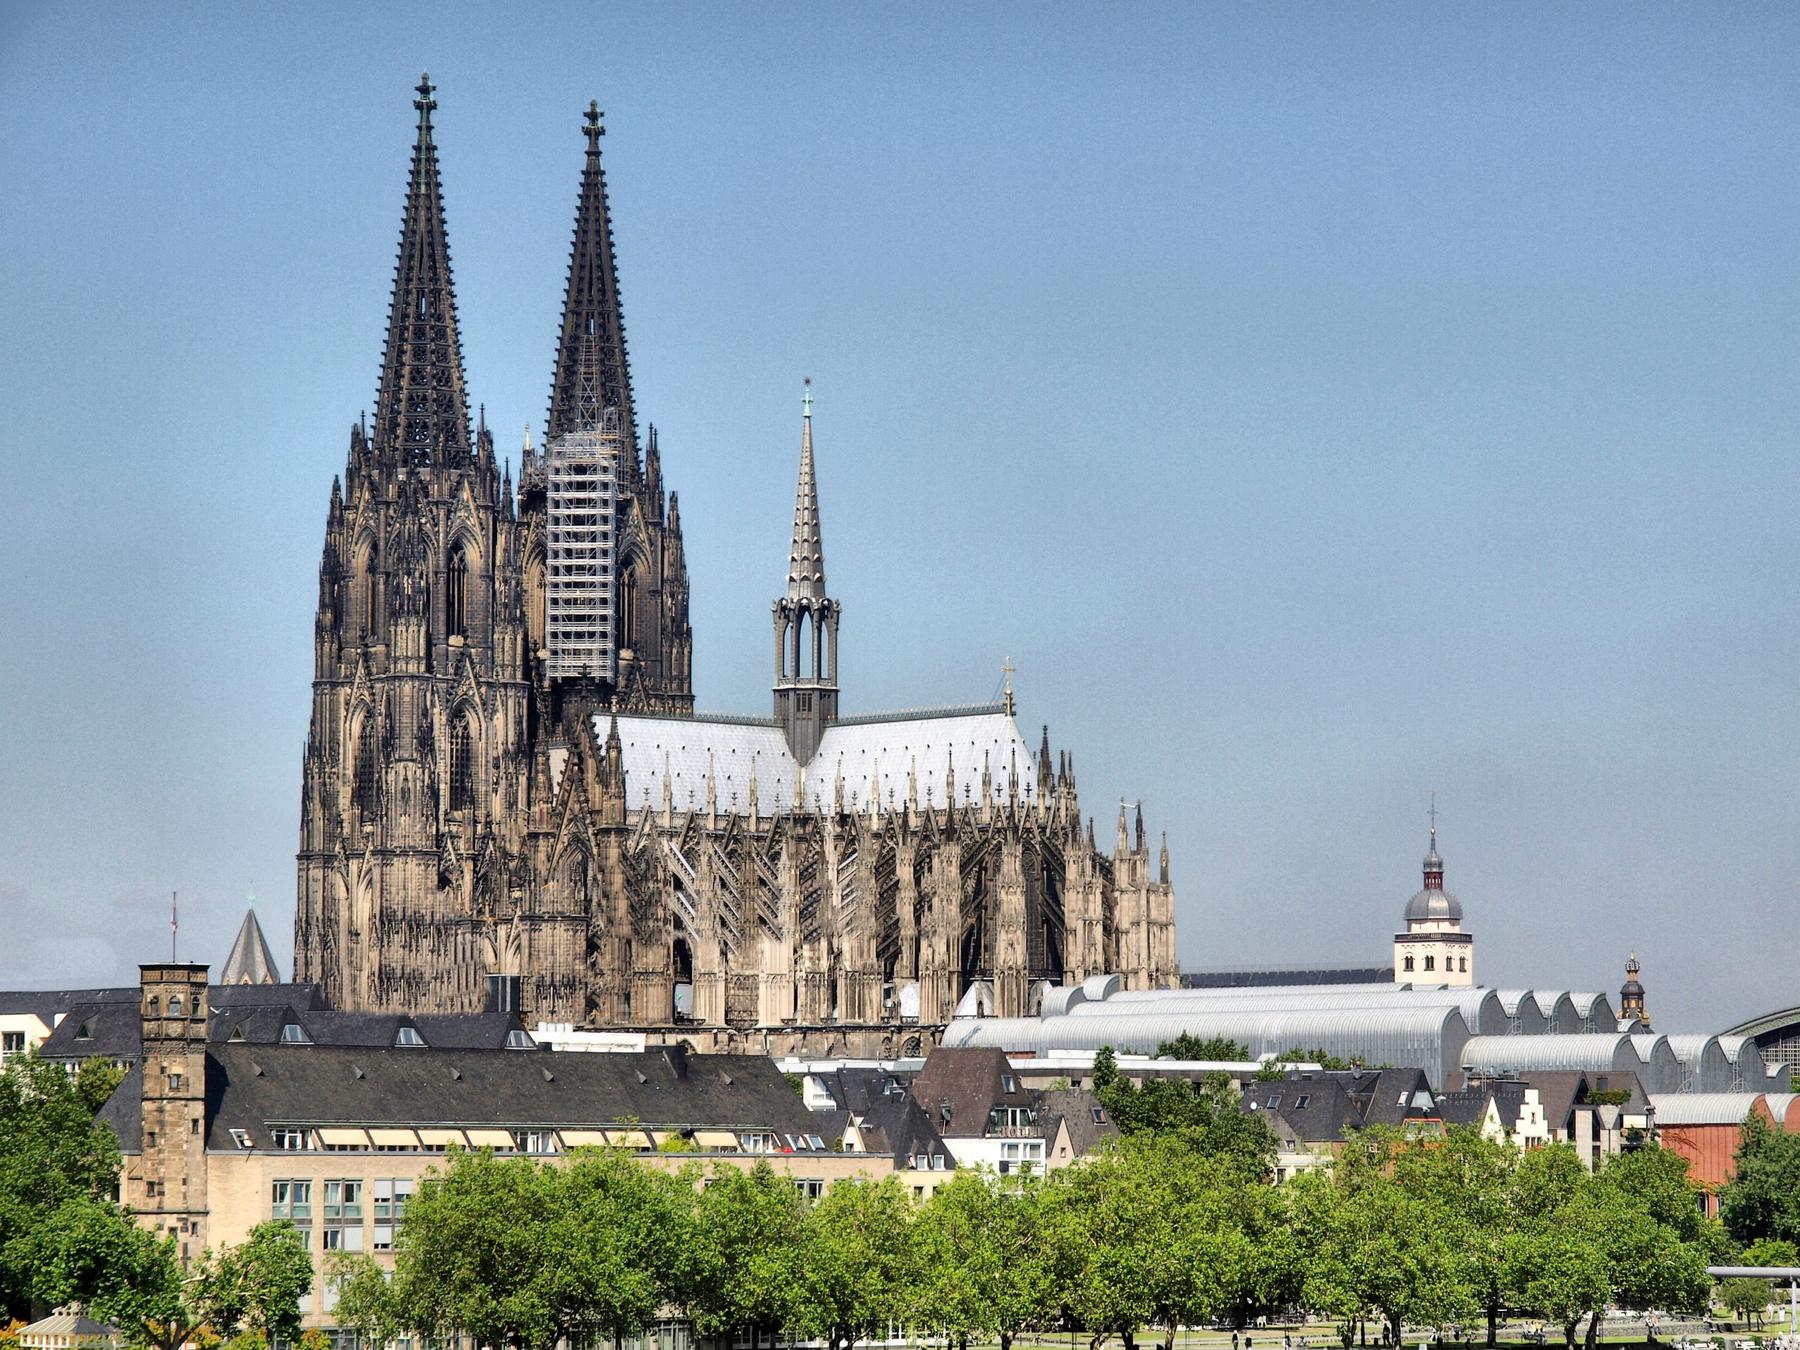 Der Kölner Dom ist eine der Top Sehenswürdigkeiten in Deutschland